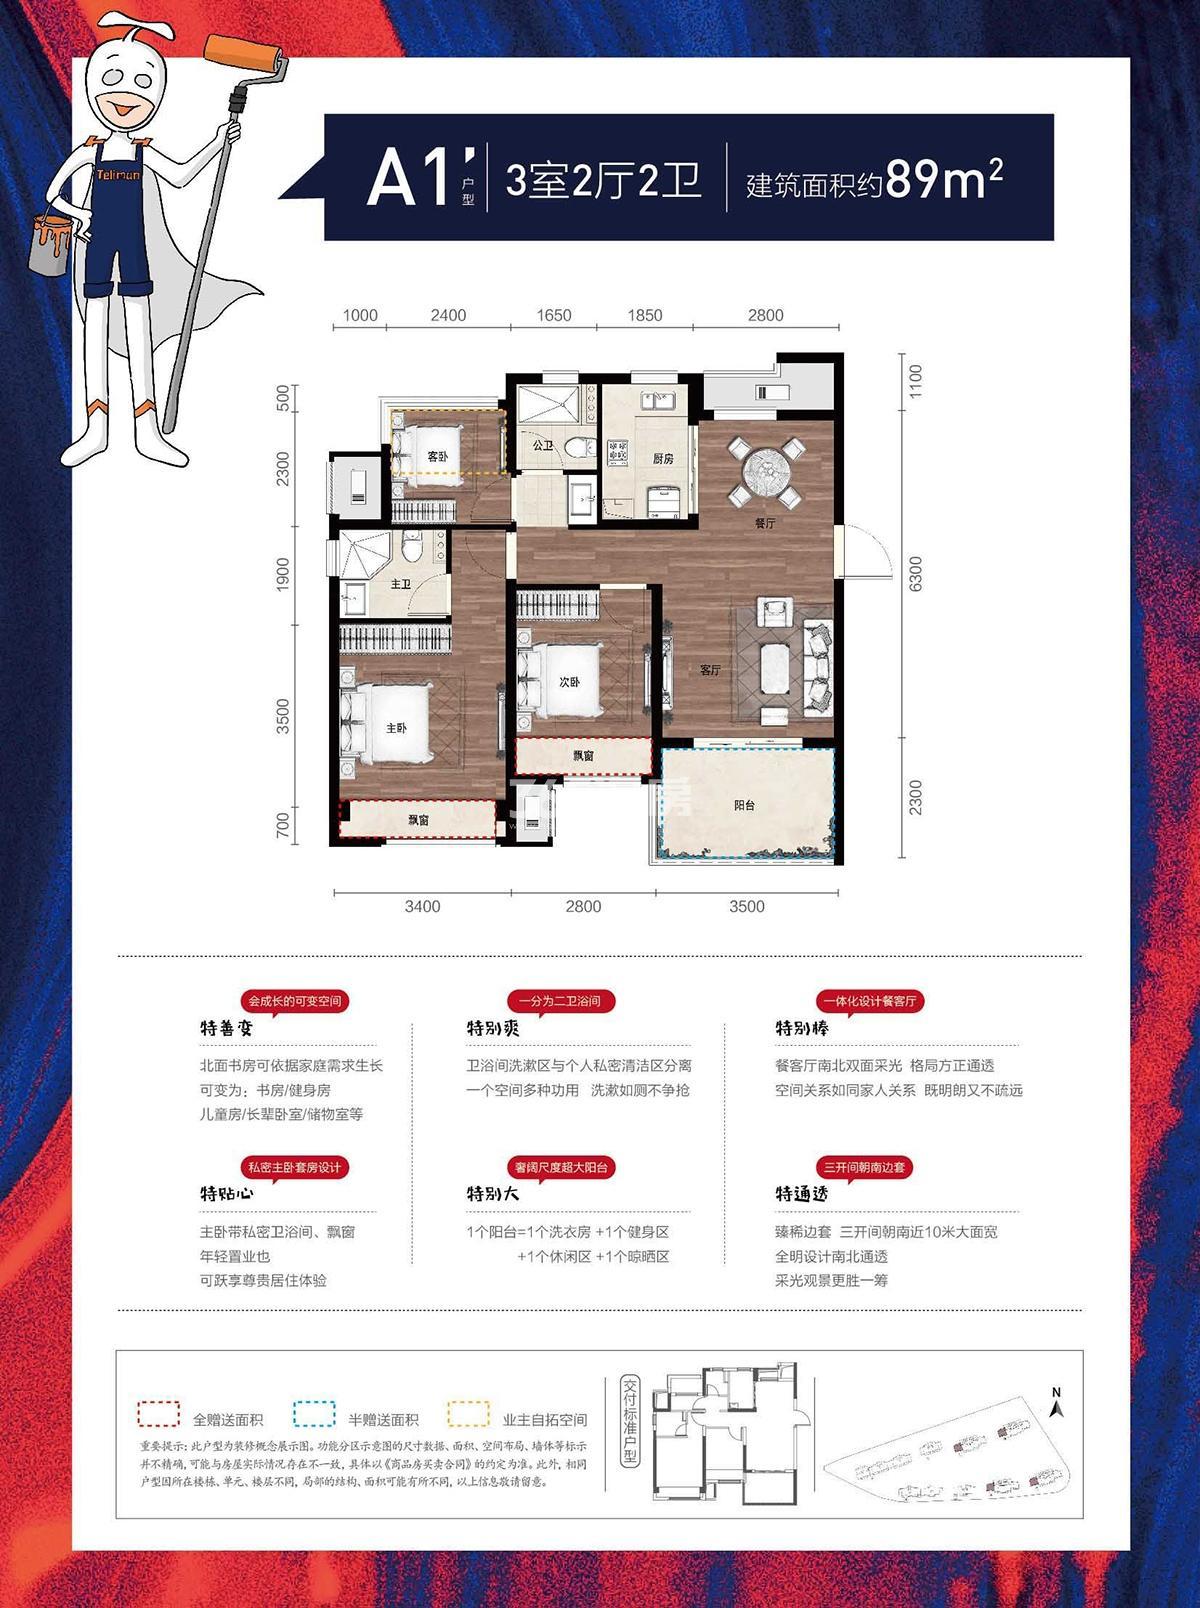 金辉贤林信步1、2、7、8号楼A1'户型89方西边套